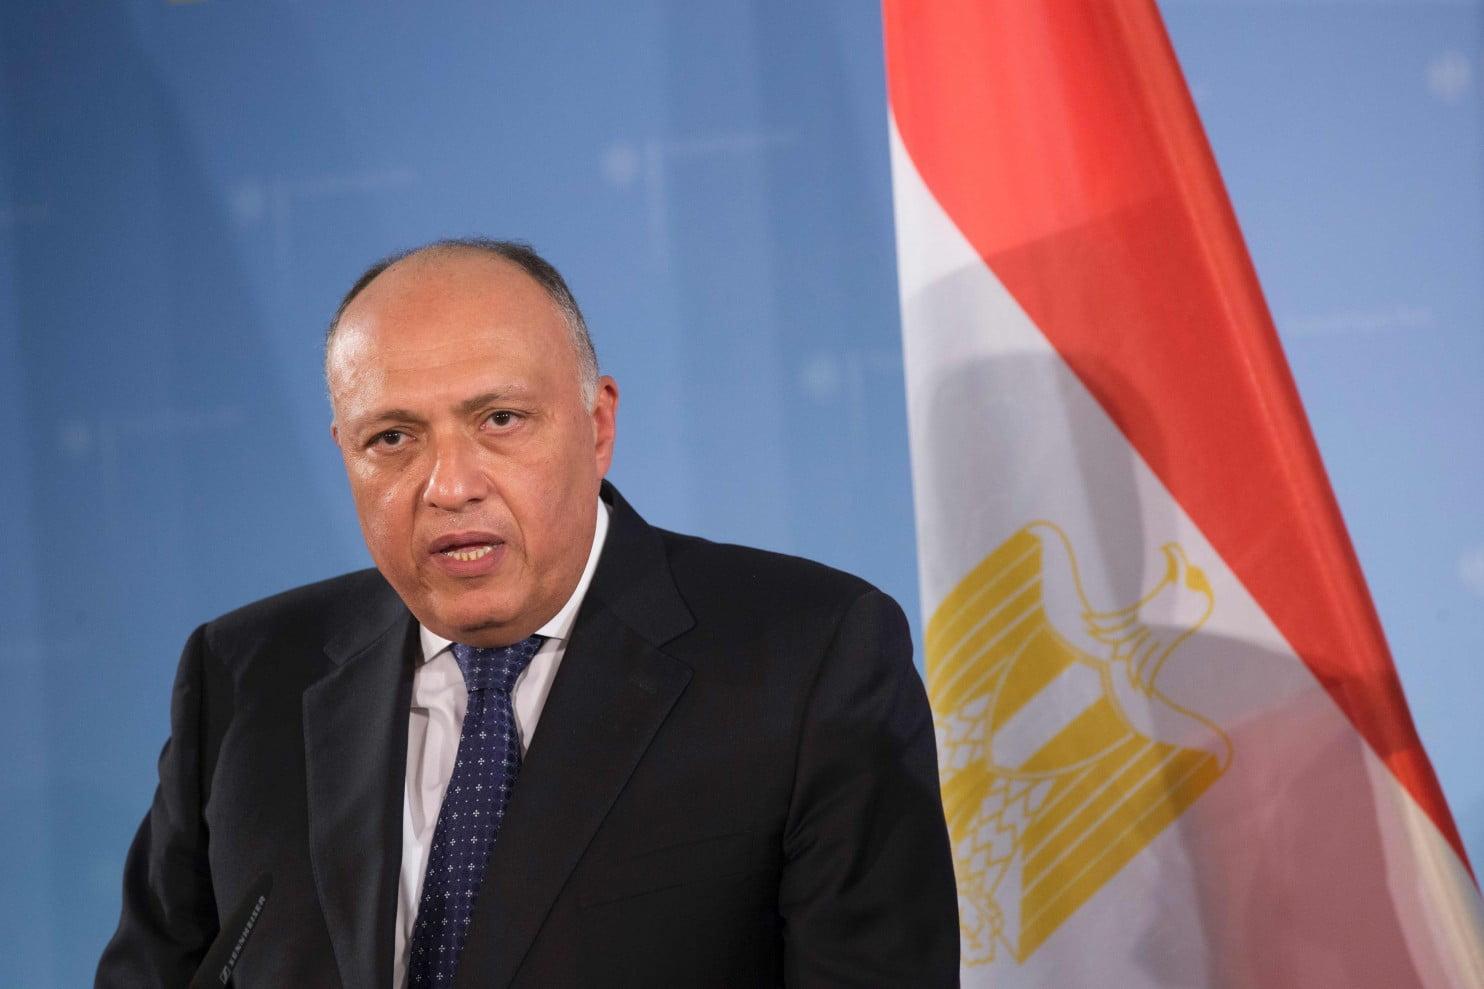 Αιγύπτιος ΥΠΕΞ: Η τουρκική παρέμβαση στη Λιβύη αποτελεί σοβαρή απειλή για την εθνική ασφάλεια του αραβικού κόσμου